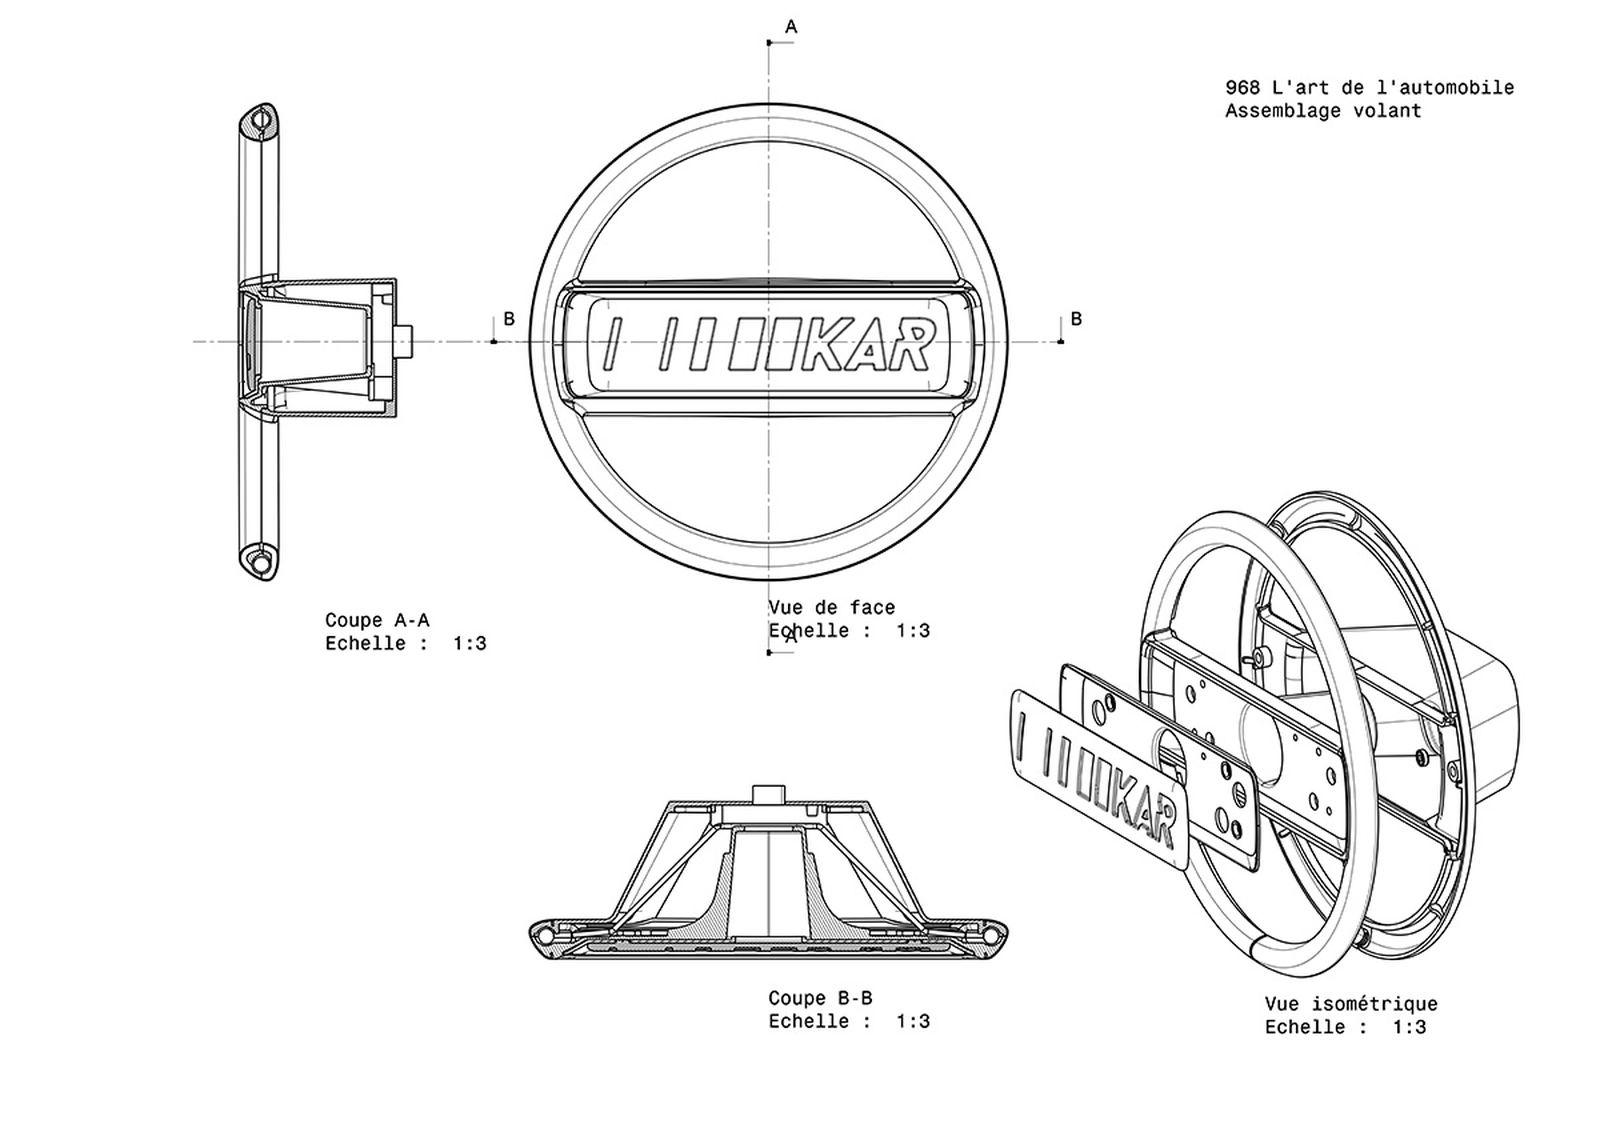 arthur-kar-interview-porsche-968-process-dsmp-design